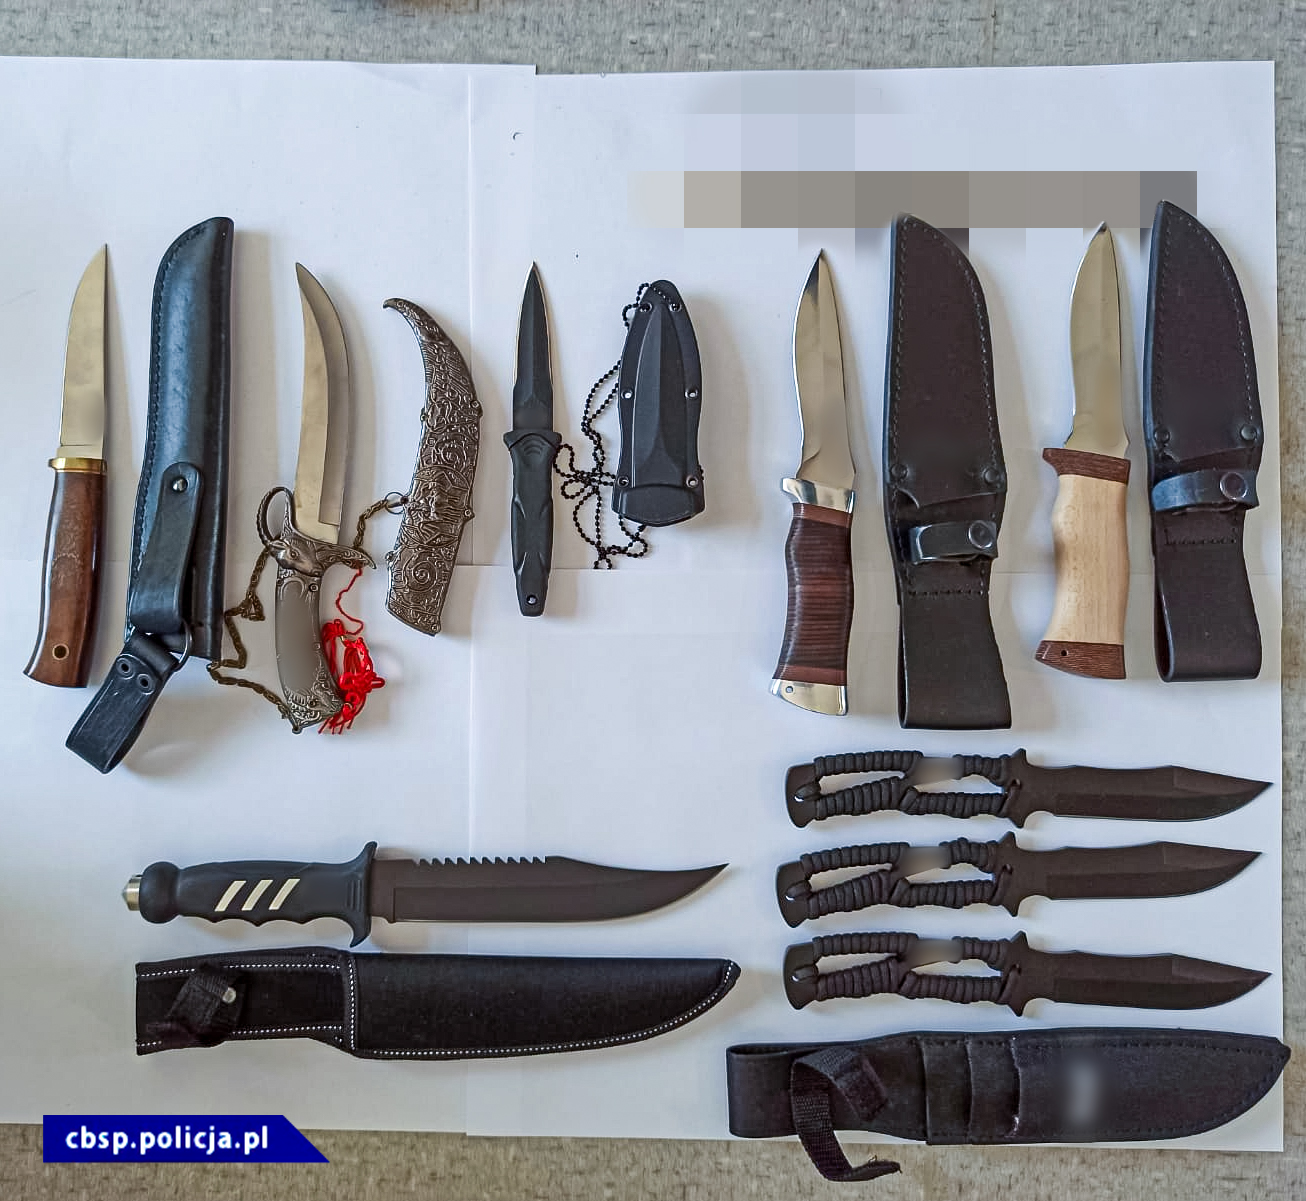 Zabezpieczone noże, kominiarki, elementy wyposażenia policyjnego itp. / fot. CBŚP